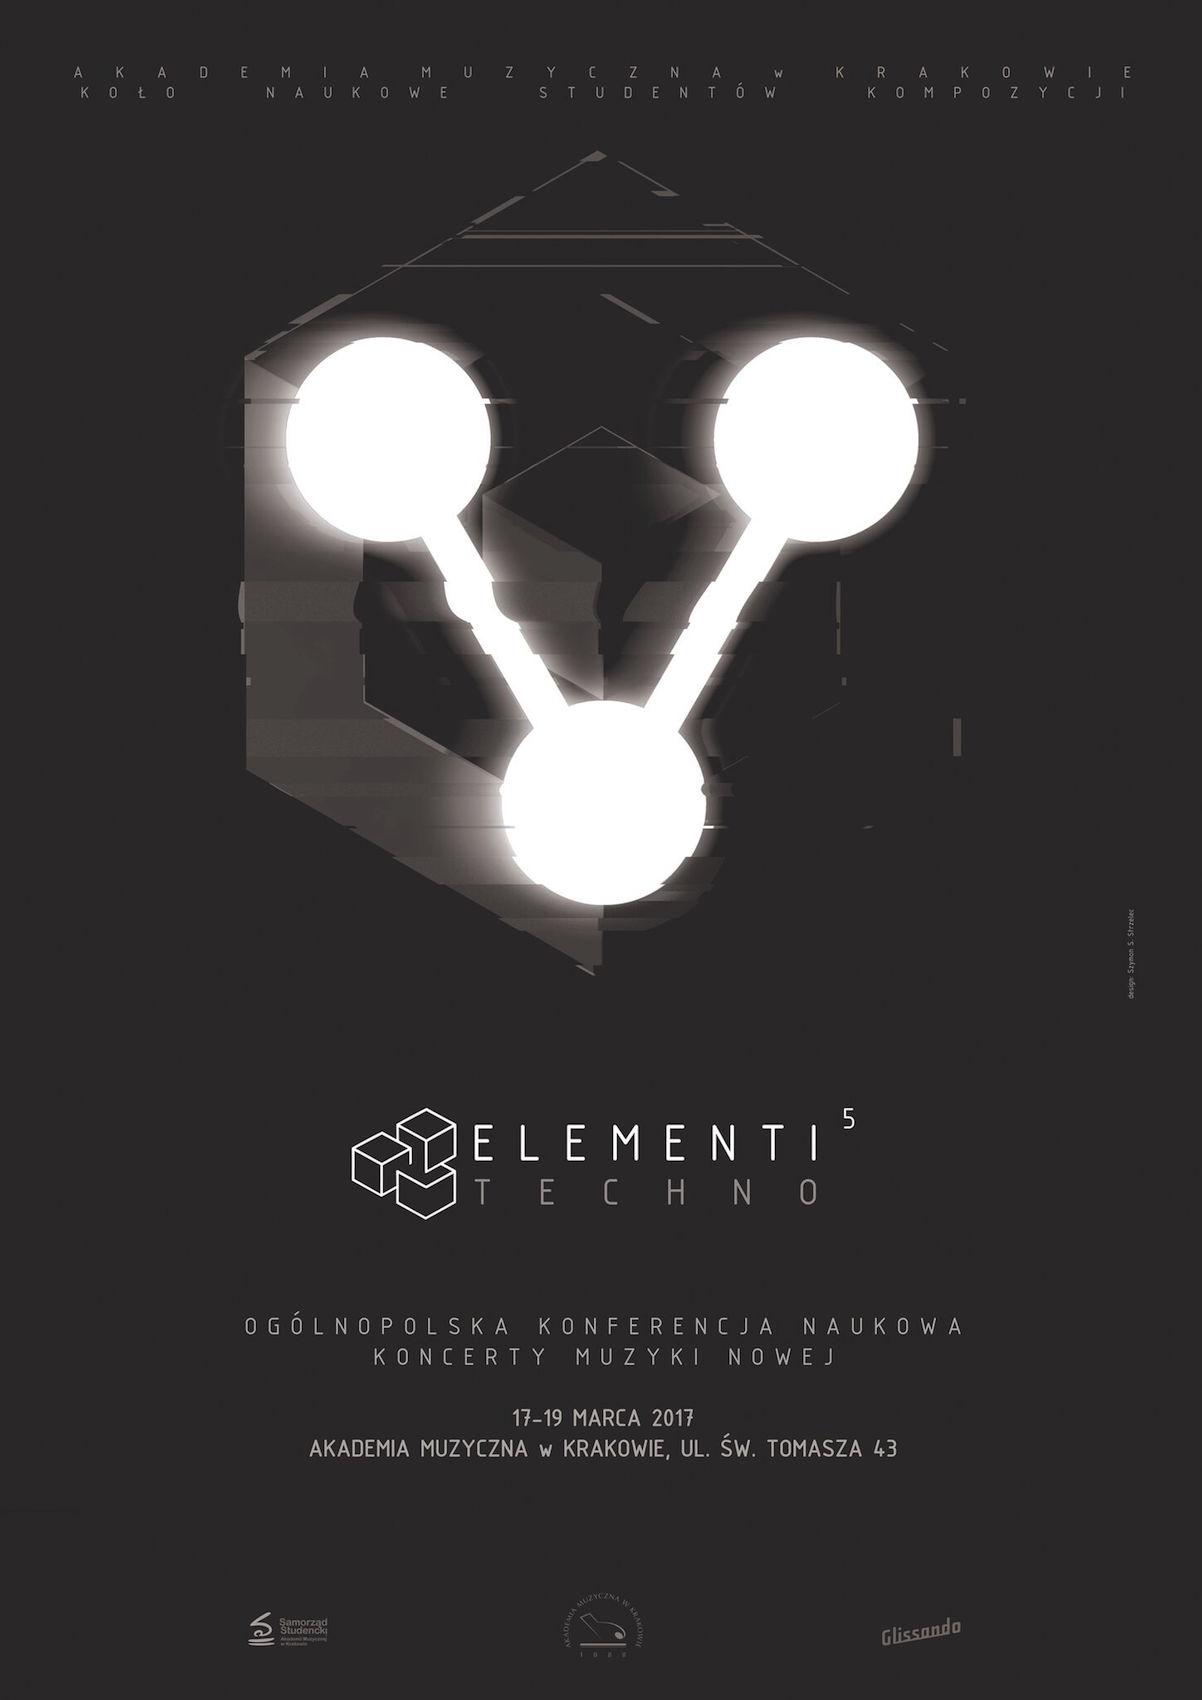 Elementi 5. TECHNO – Ogólnopolska Studencko-Doktorancka Konferencja Naukowa (źródło: materiały prasowe organizatora)